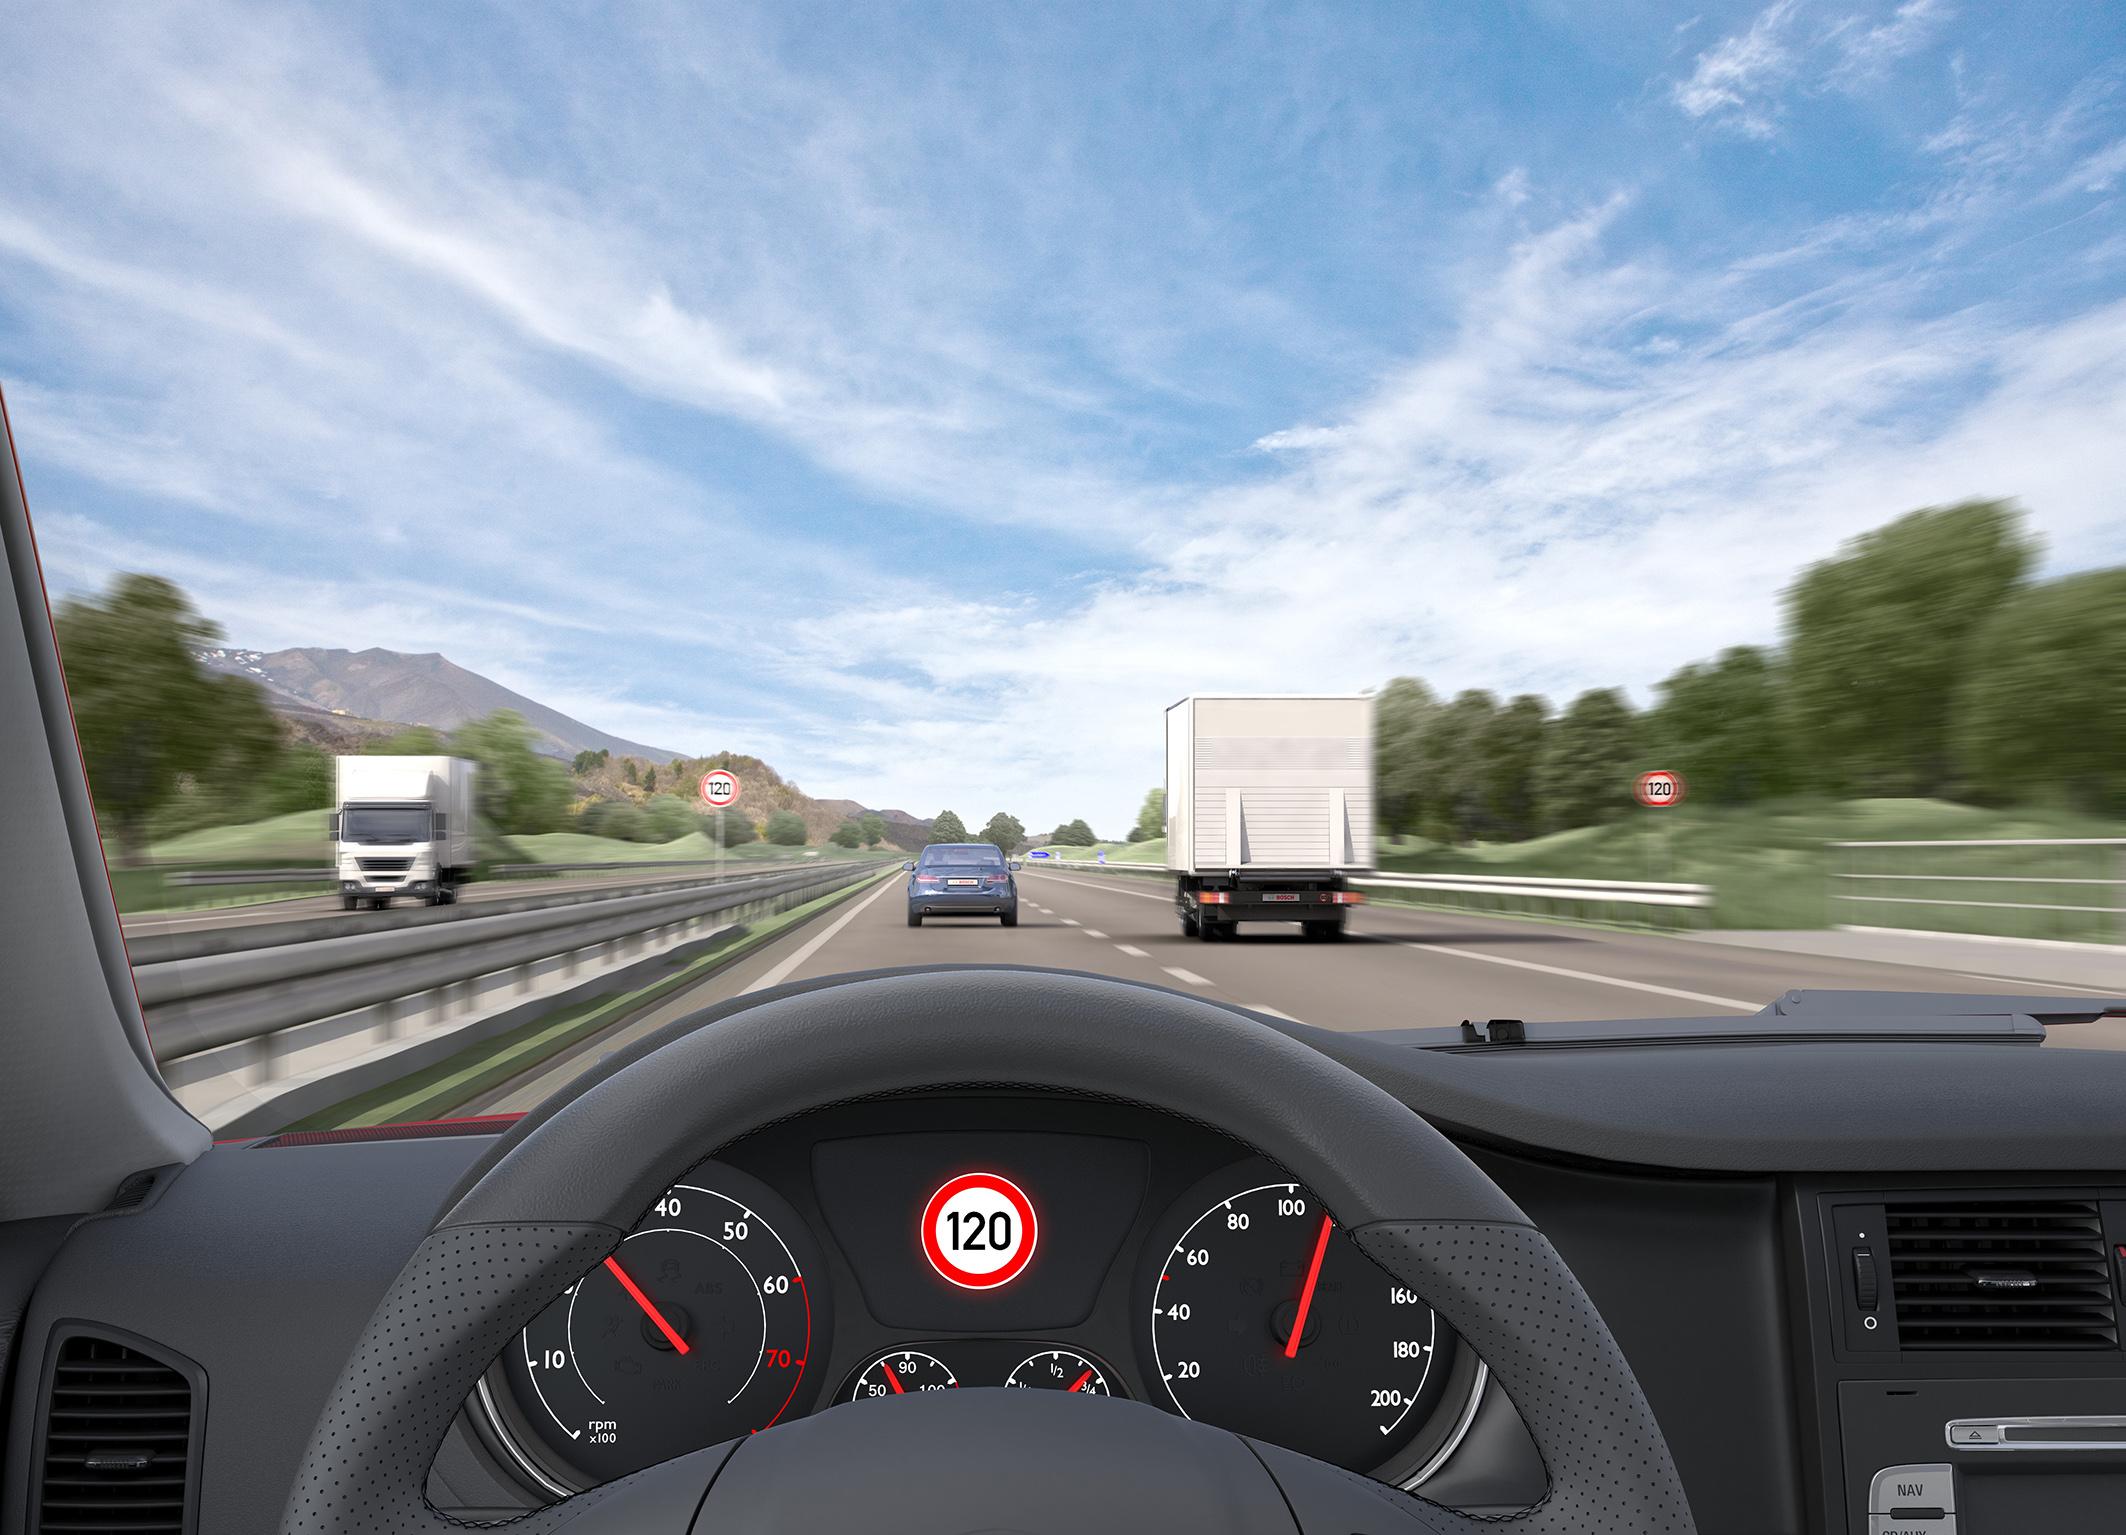 Reconhecimento de sinalização de trânsito